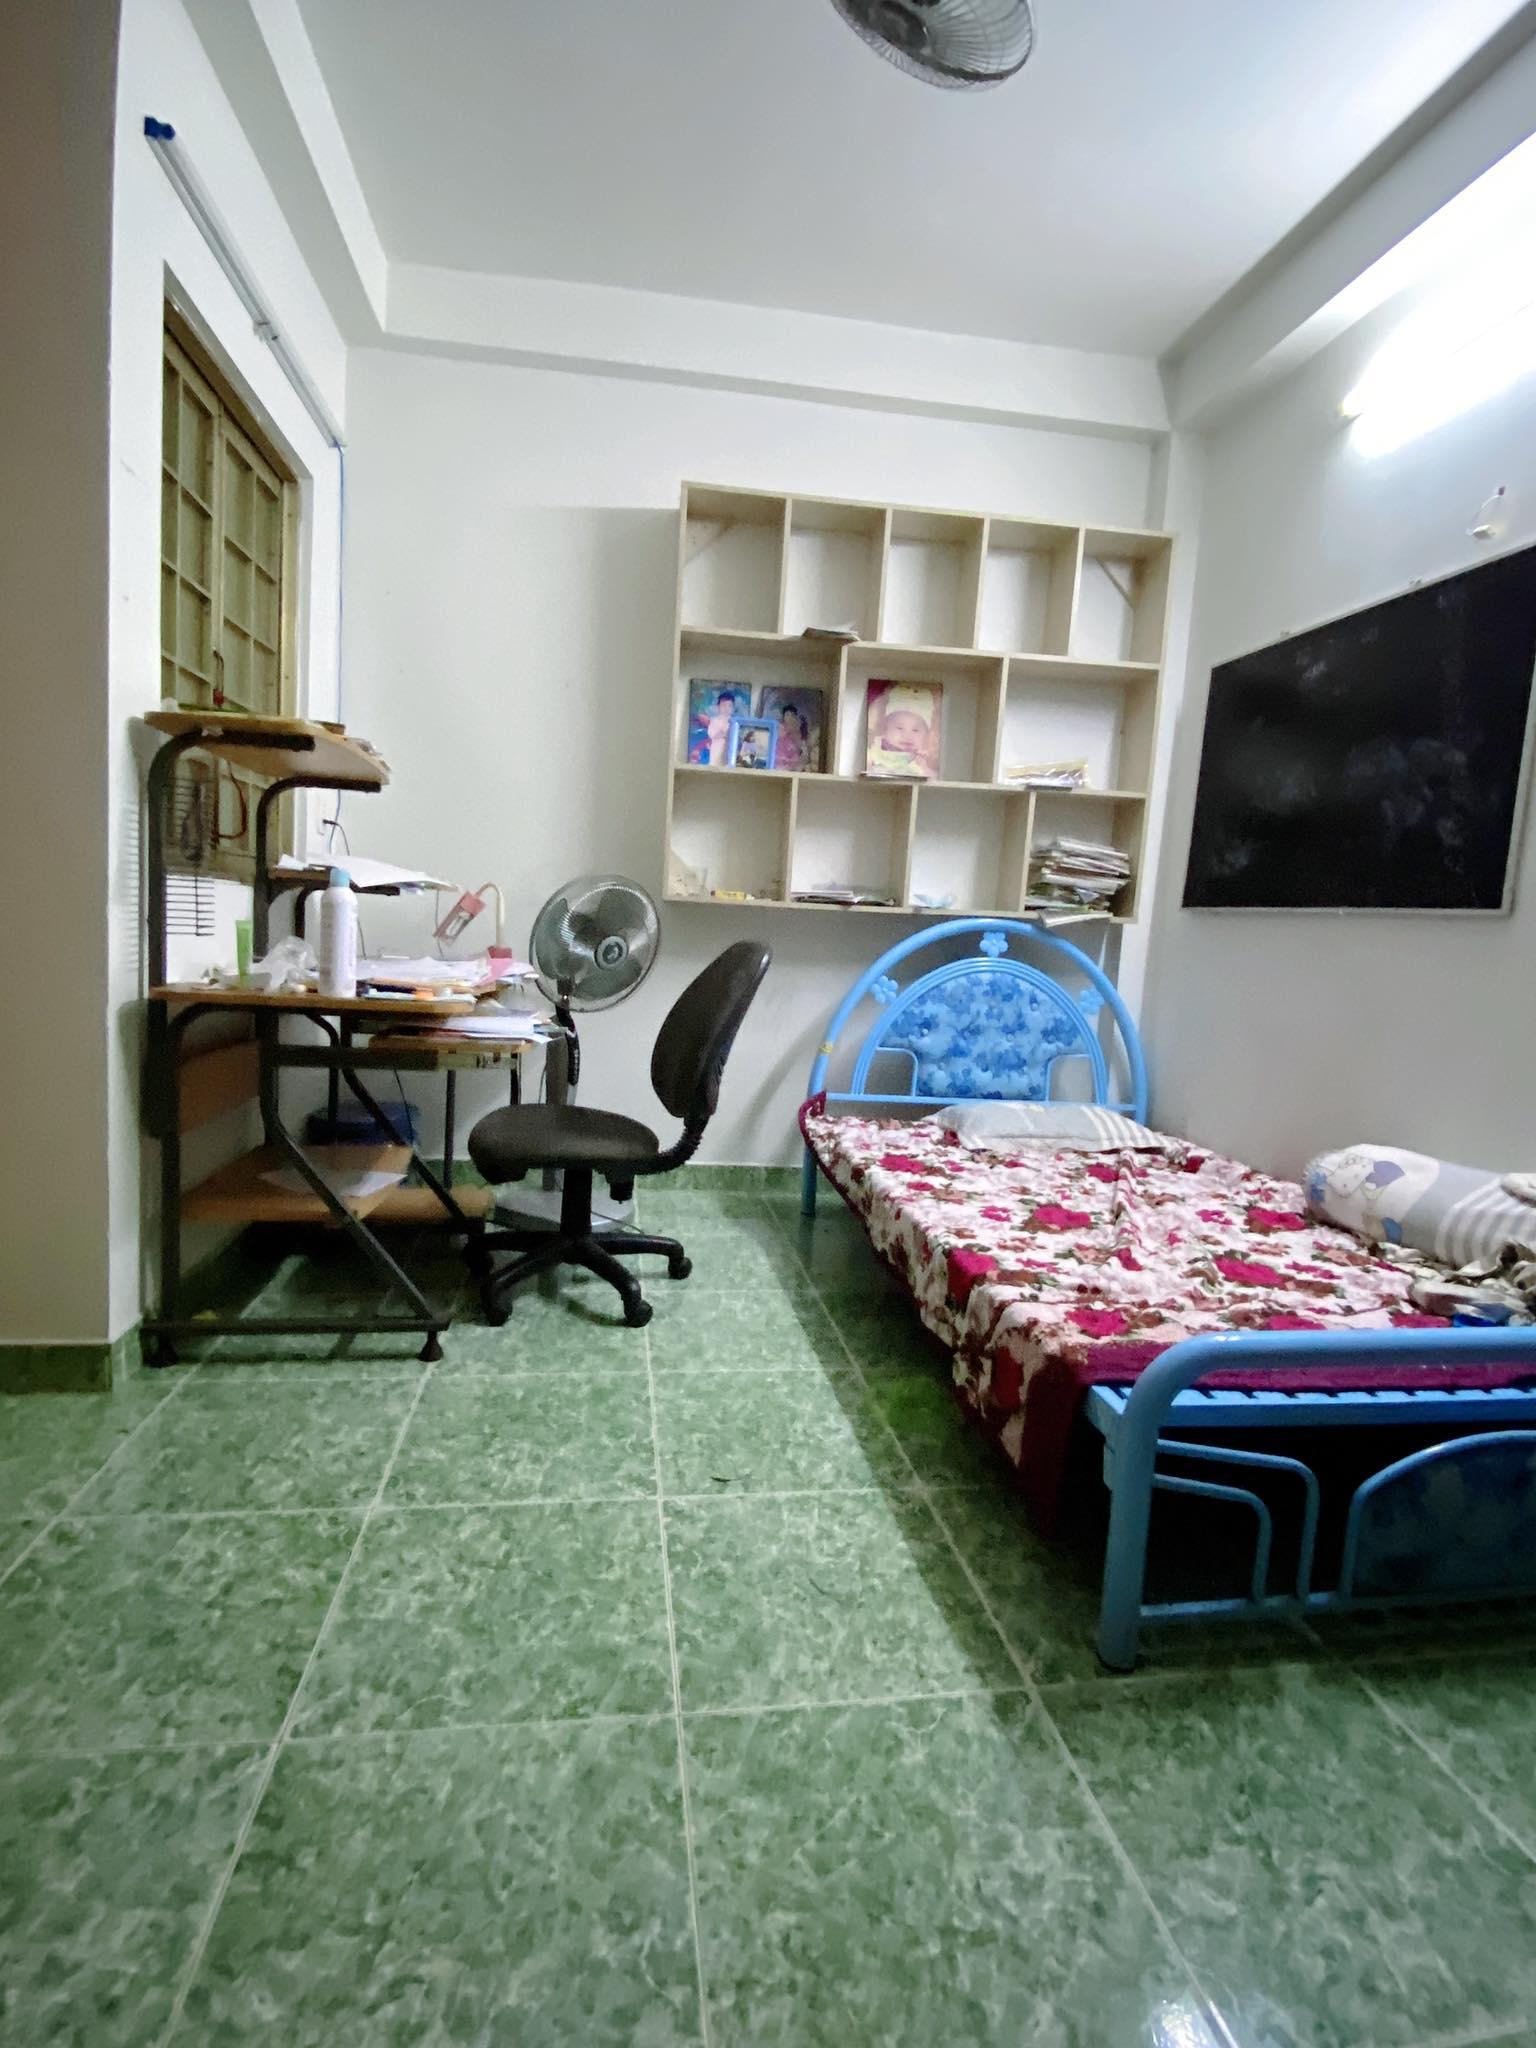 Cần bán Căn hộ chung cư đường Bình Long, Phường Tân Quý, Diện tích 52m², Giá 5. Tỷ - LH: 0901451136